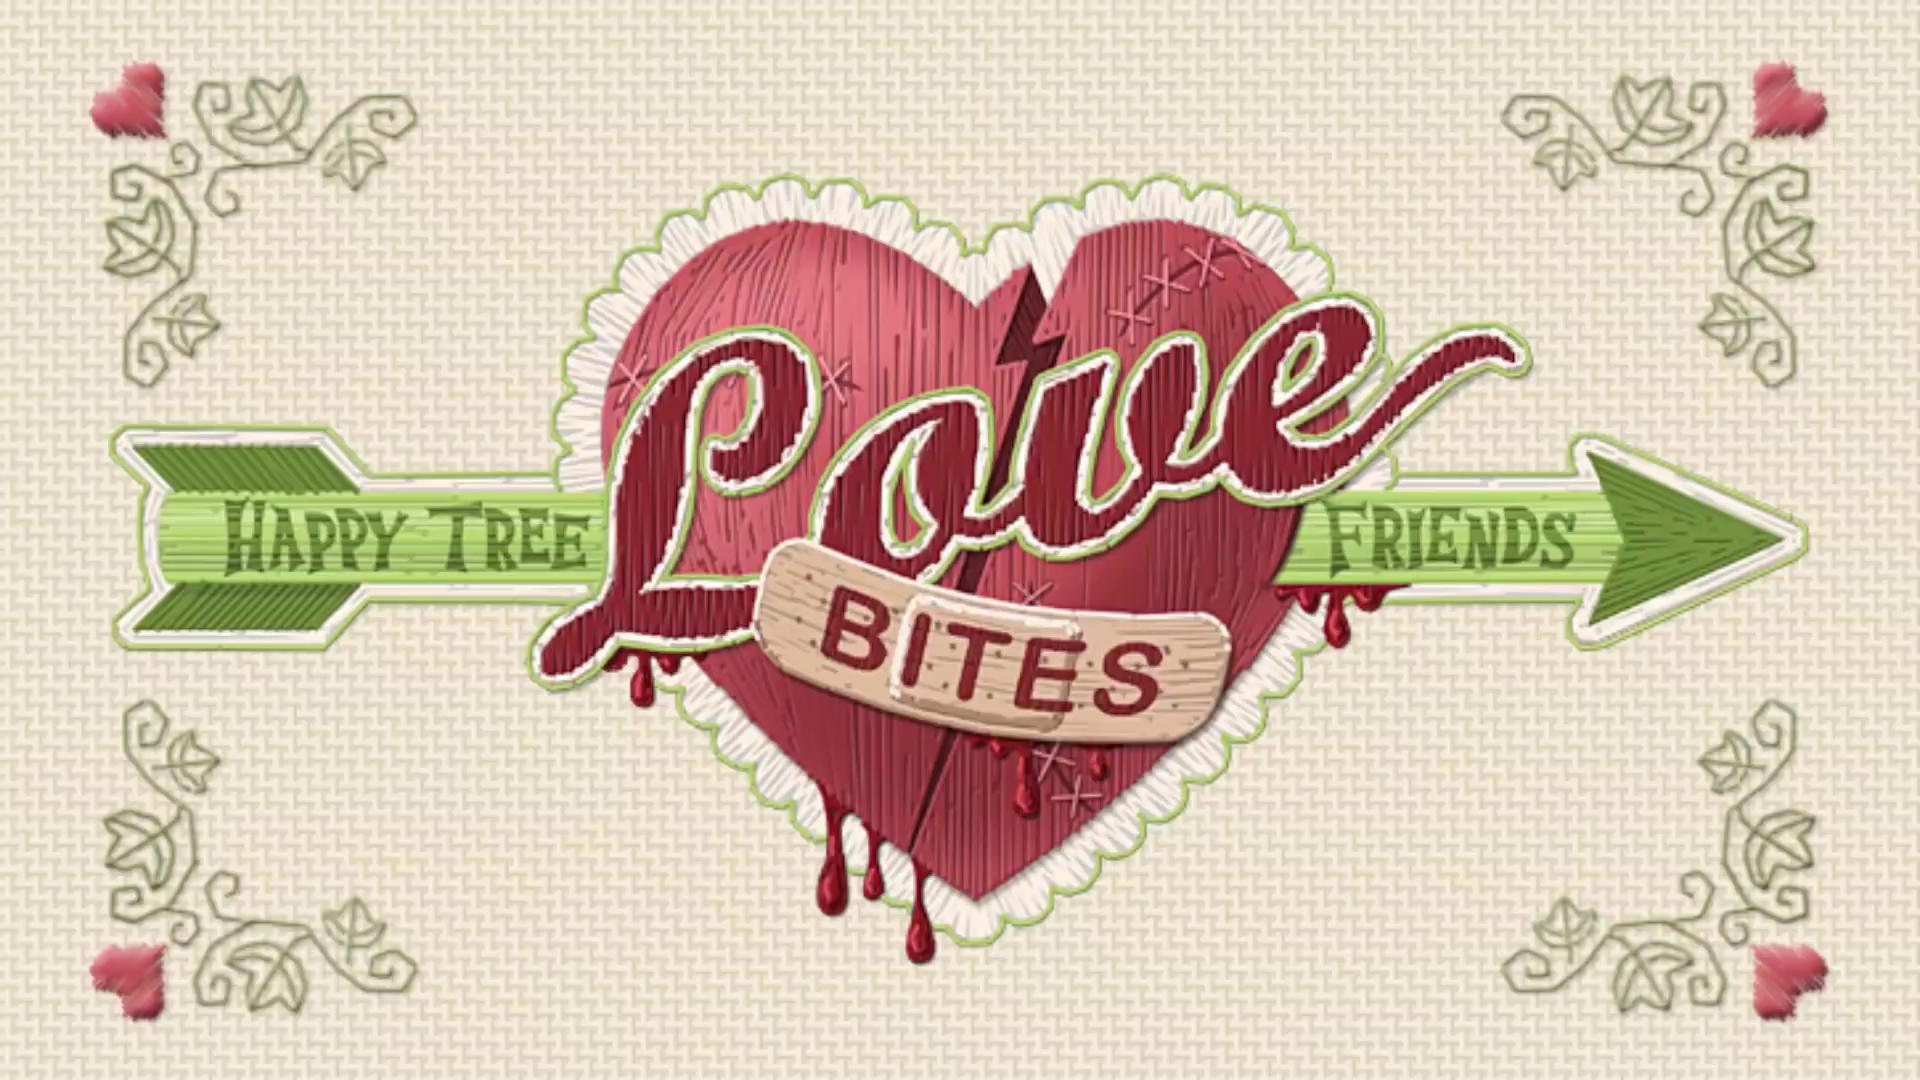 کارتون هپی تری فرندز-فصل Love Bites قسمت 4-سال2009 -لینک تمام قسمت ها در توضیح زیر این ویدیو است